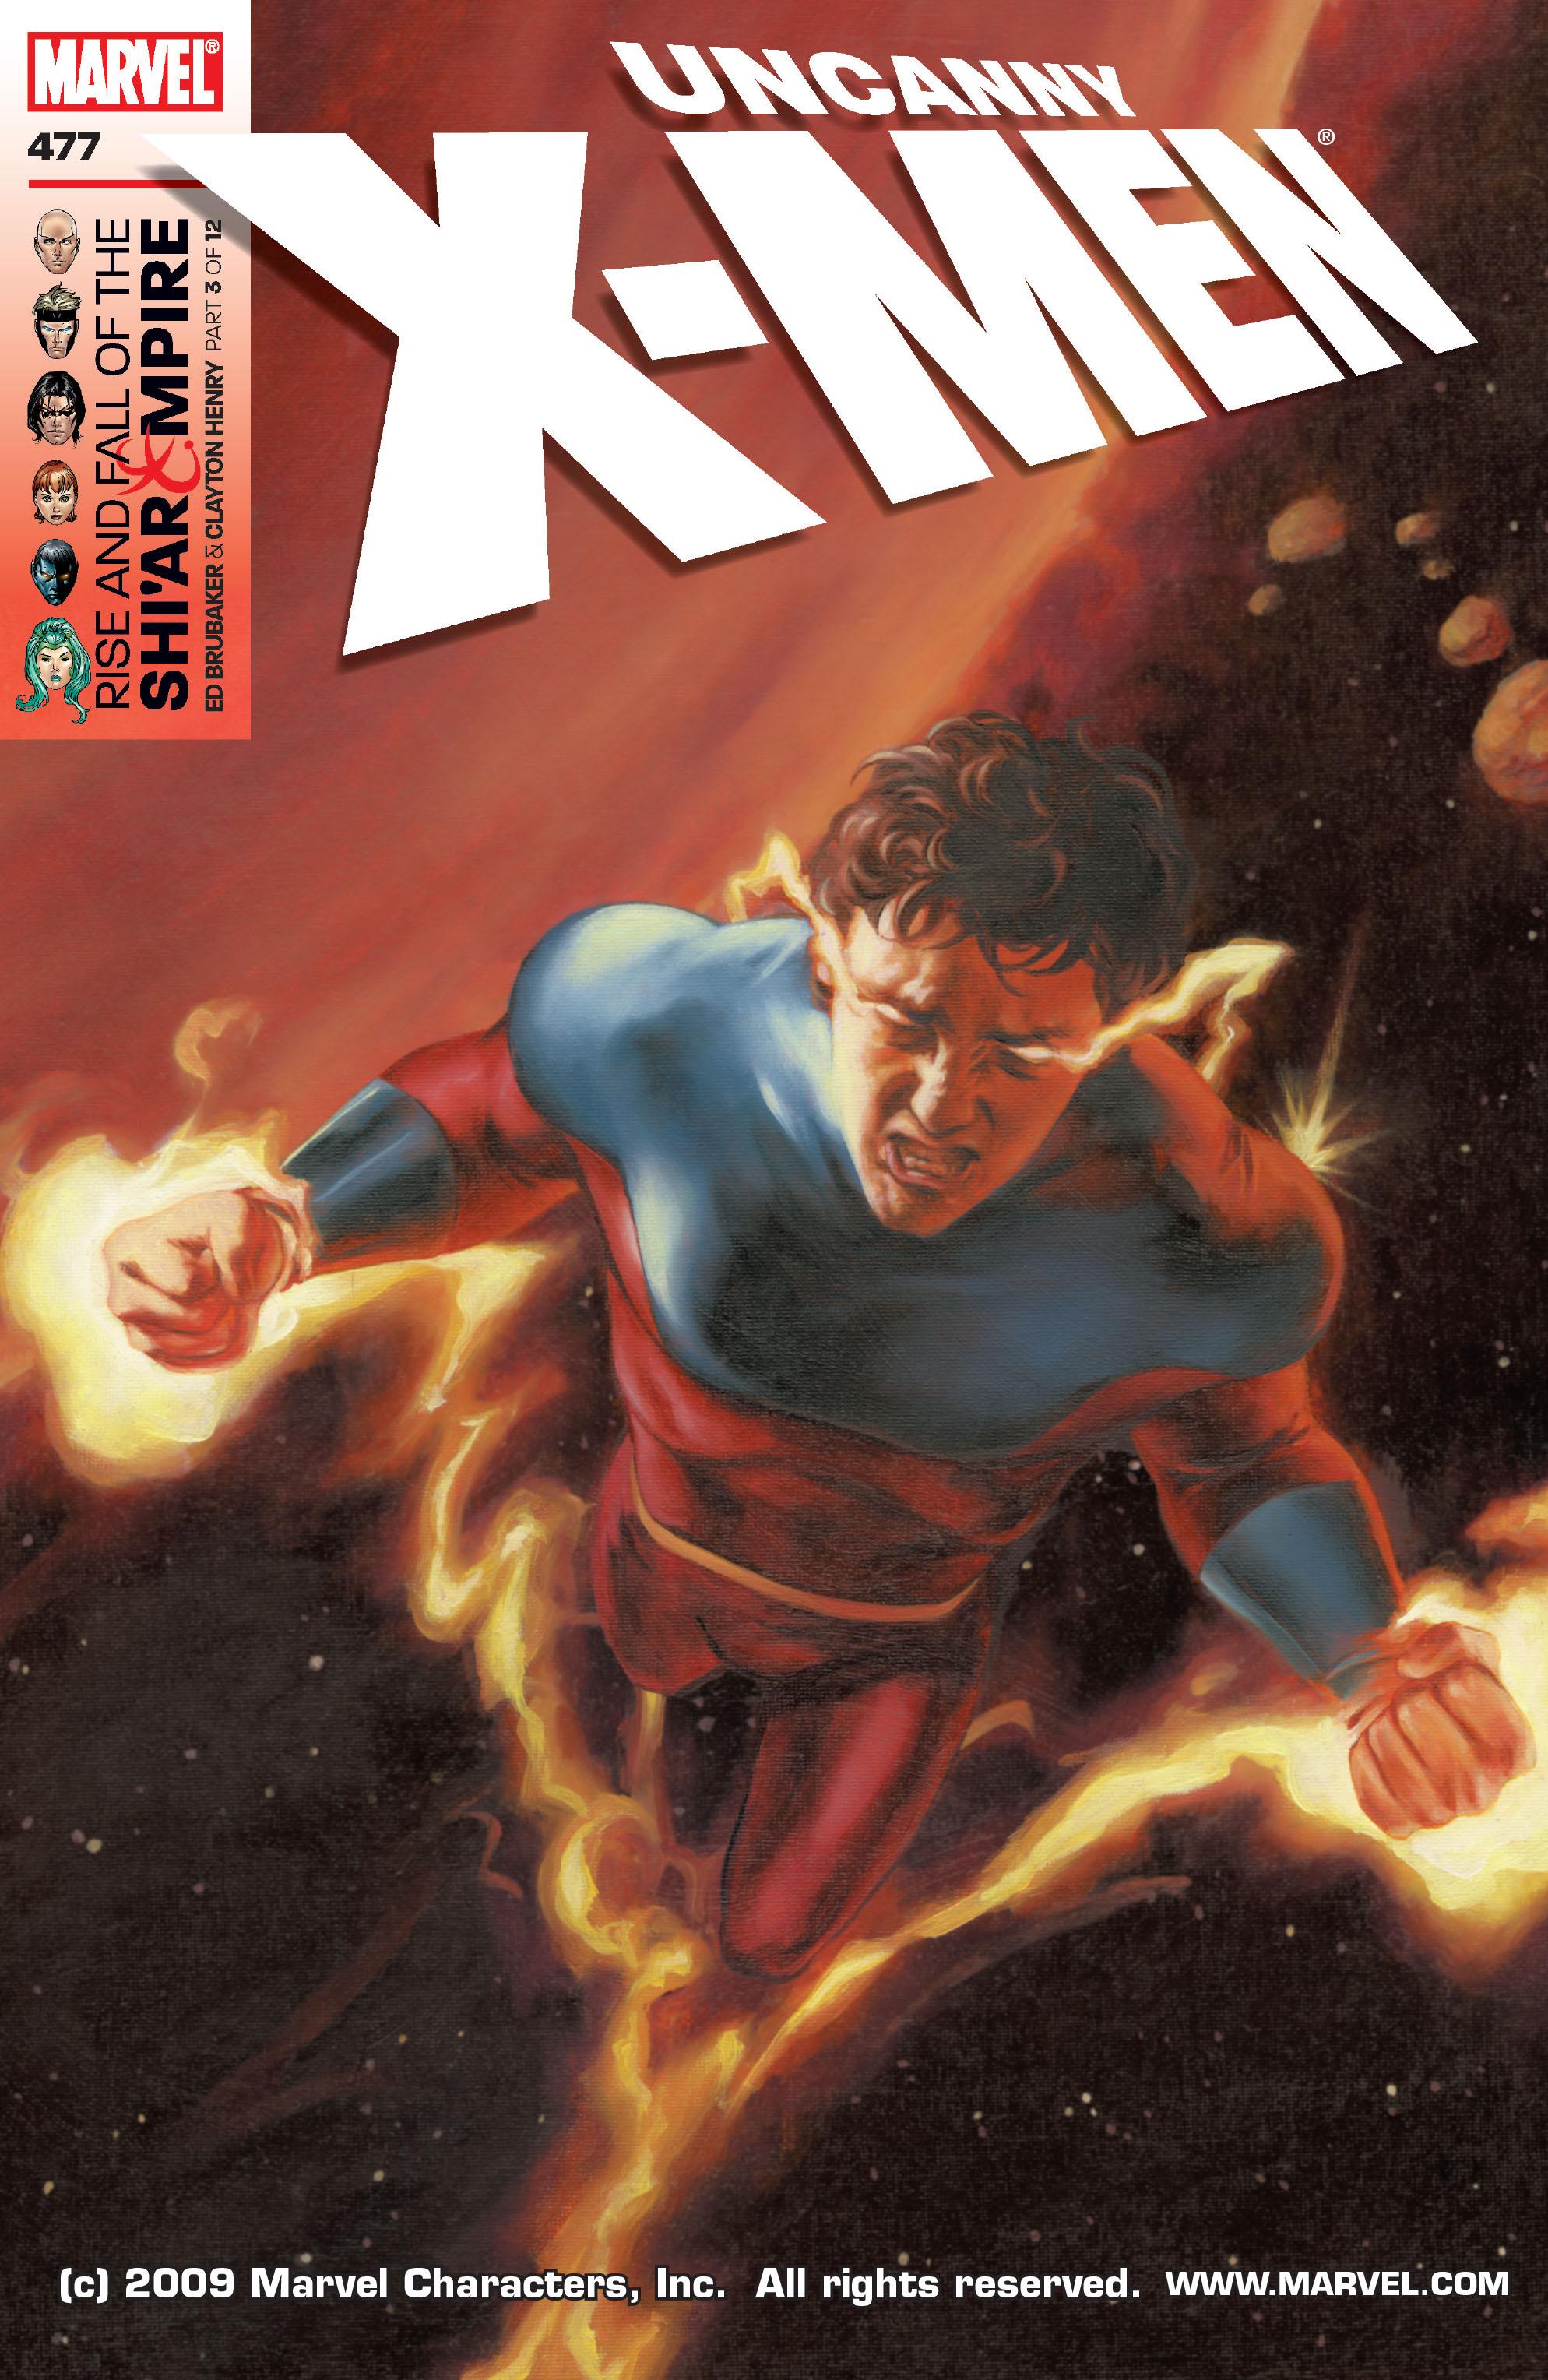 Uncanny X-Men (1963) 477 Page 1